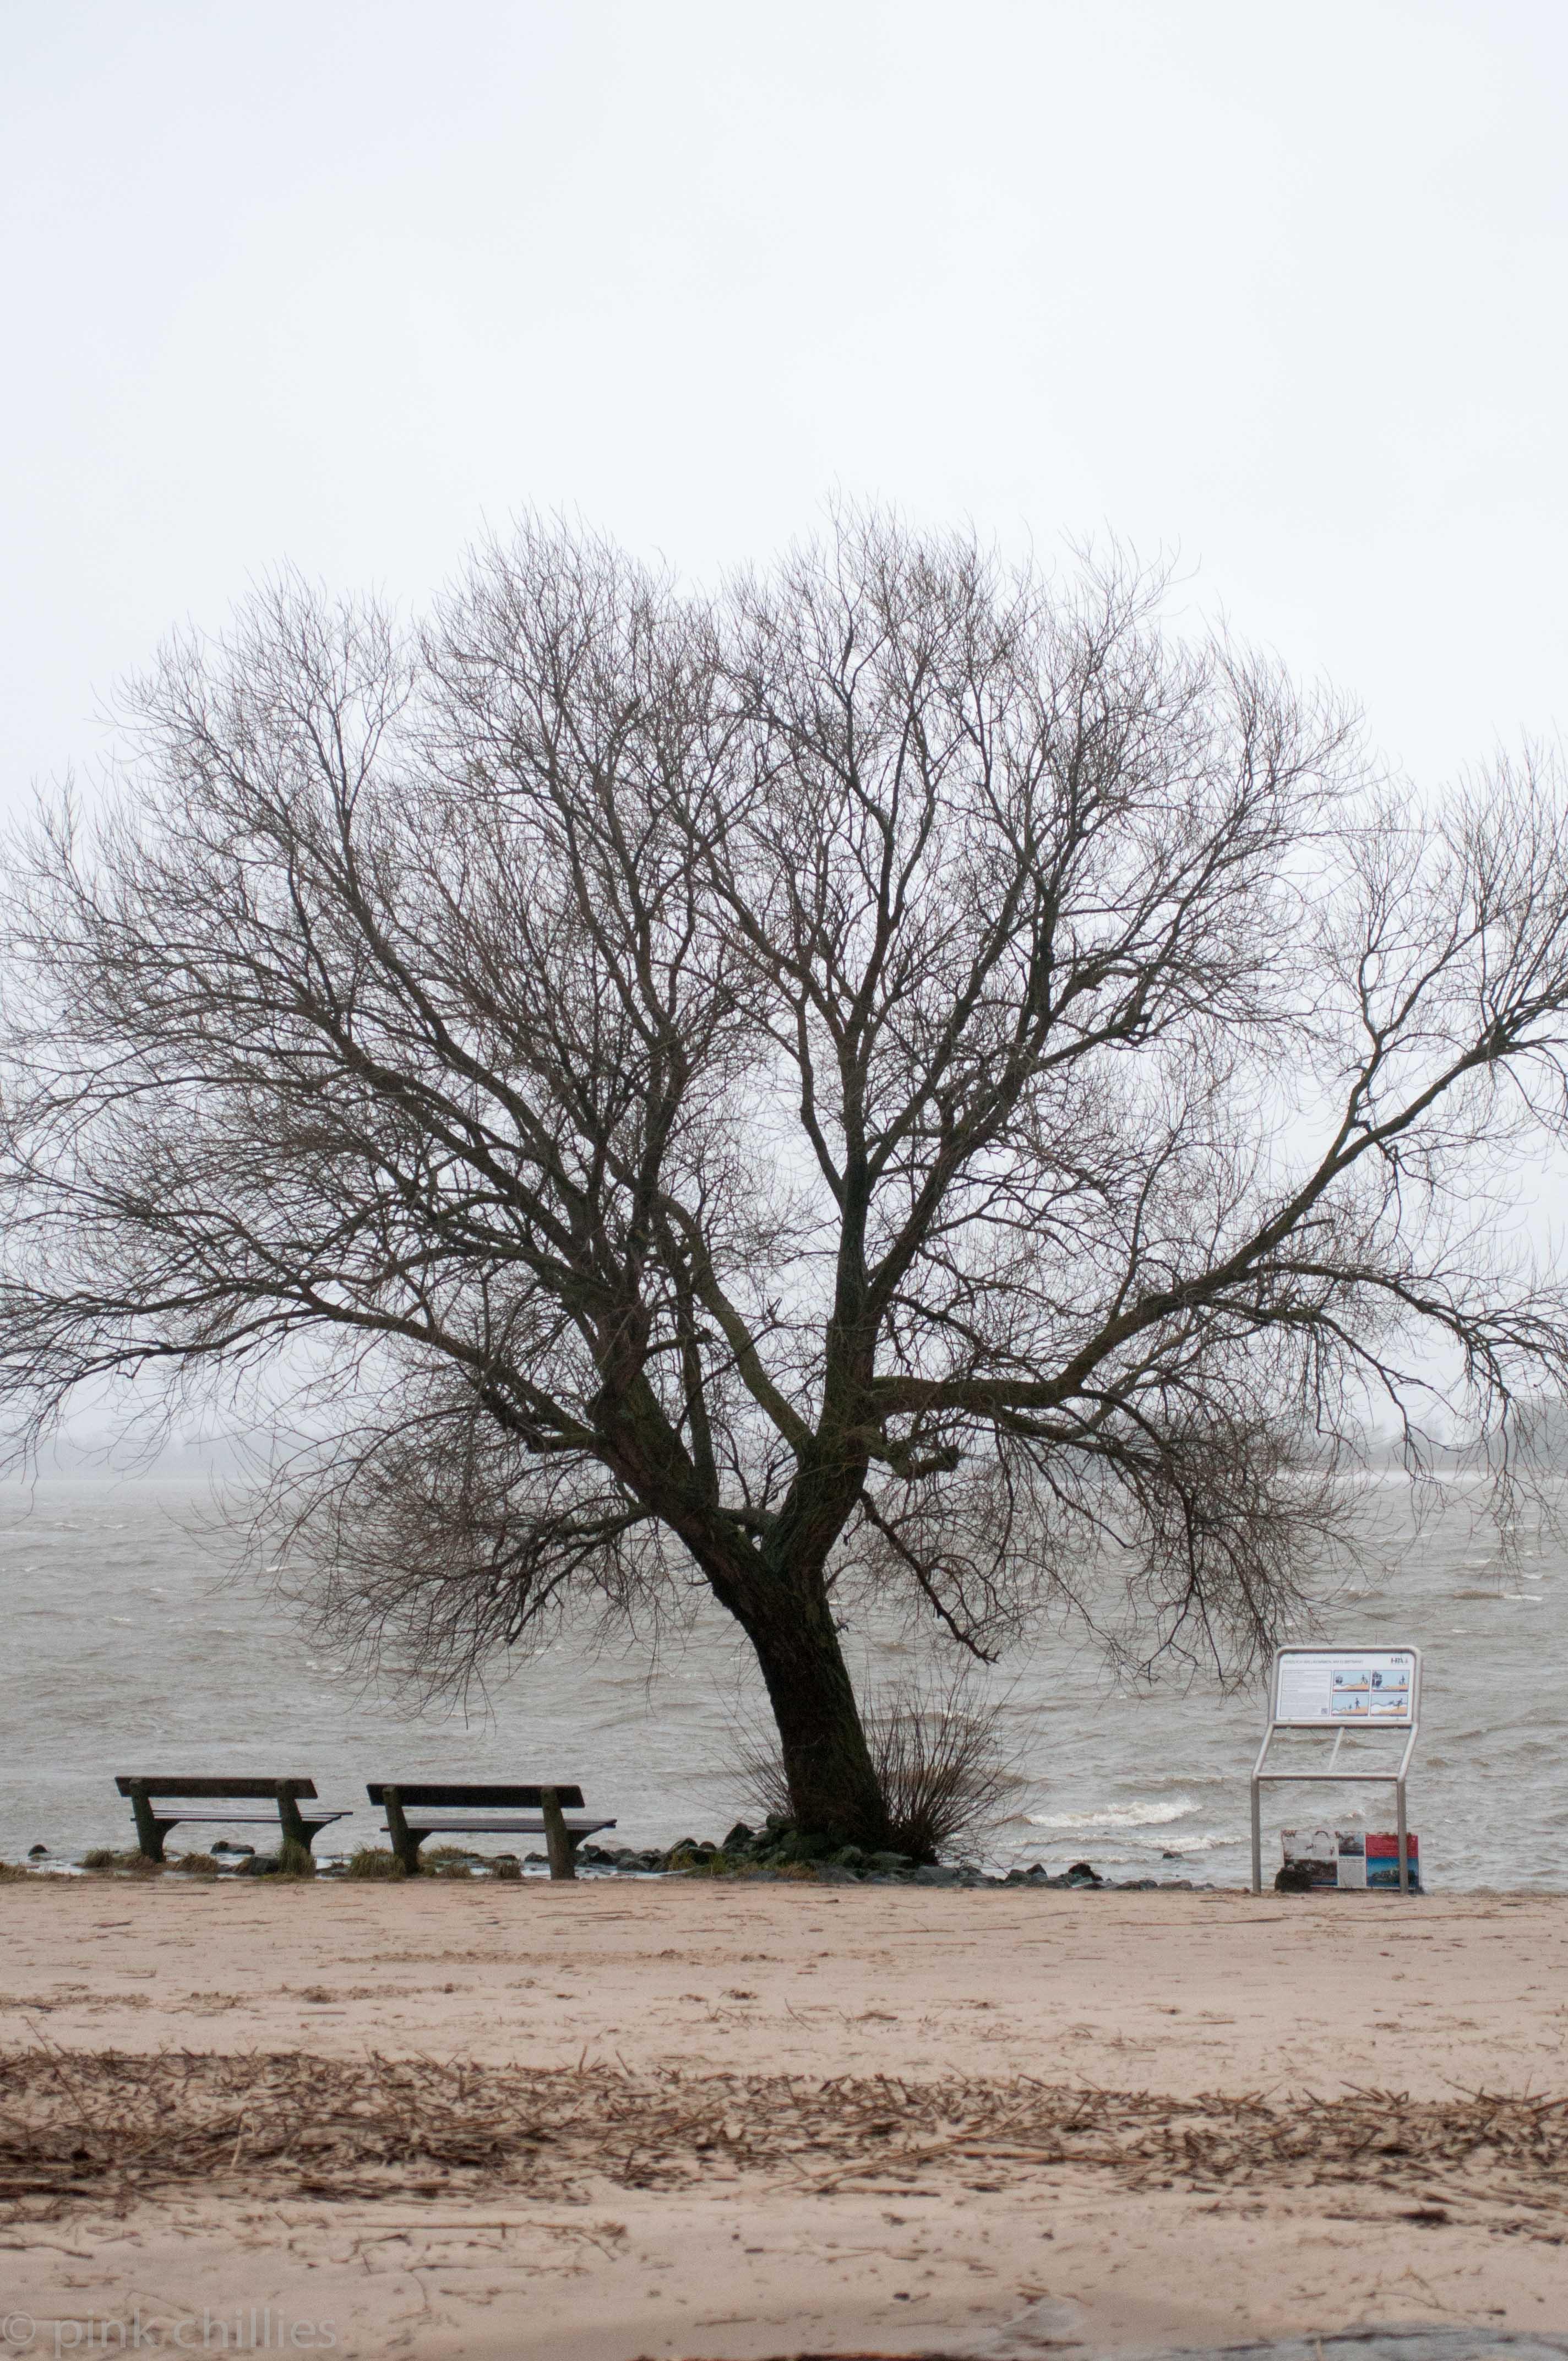 Baum mit Bänken am Strand